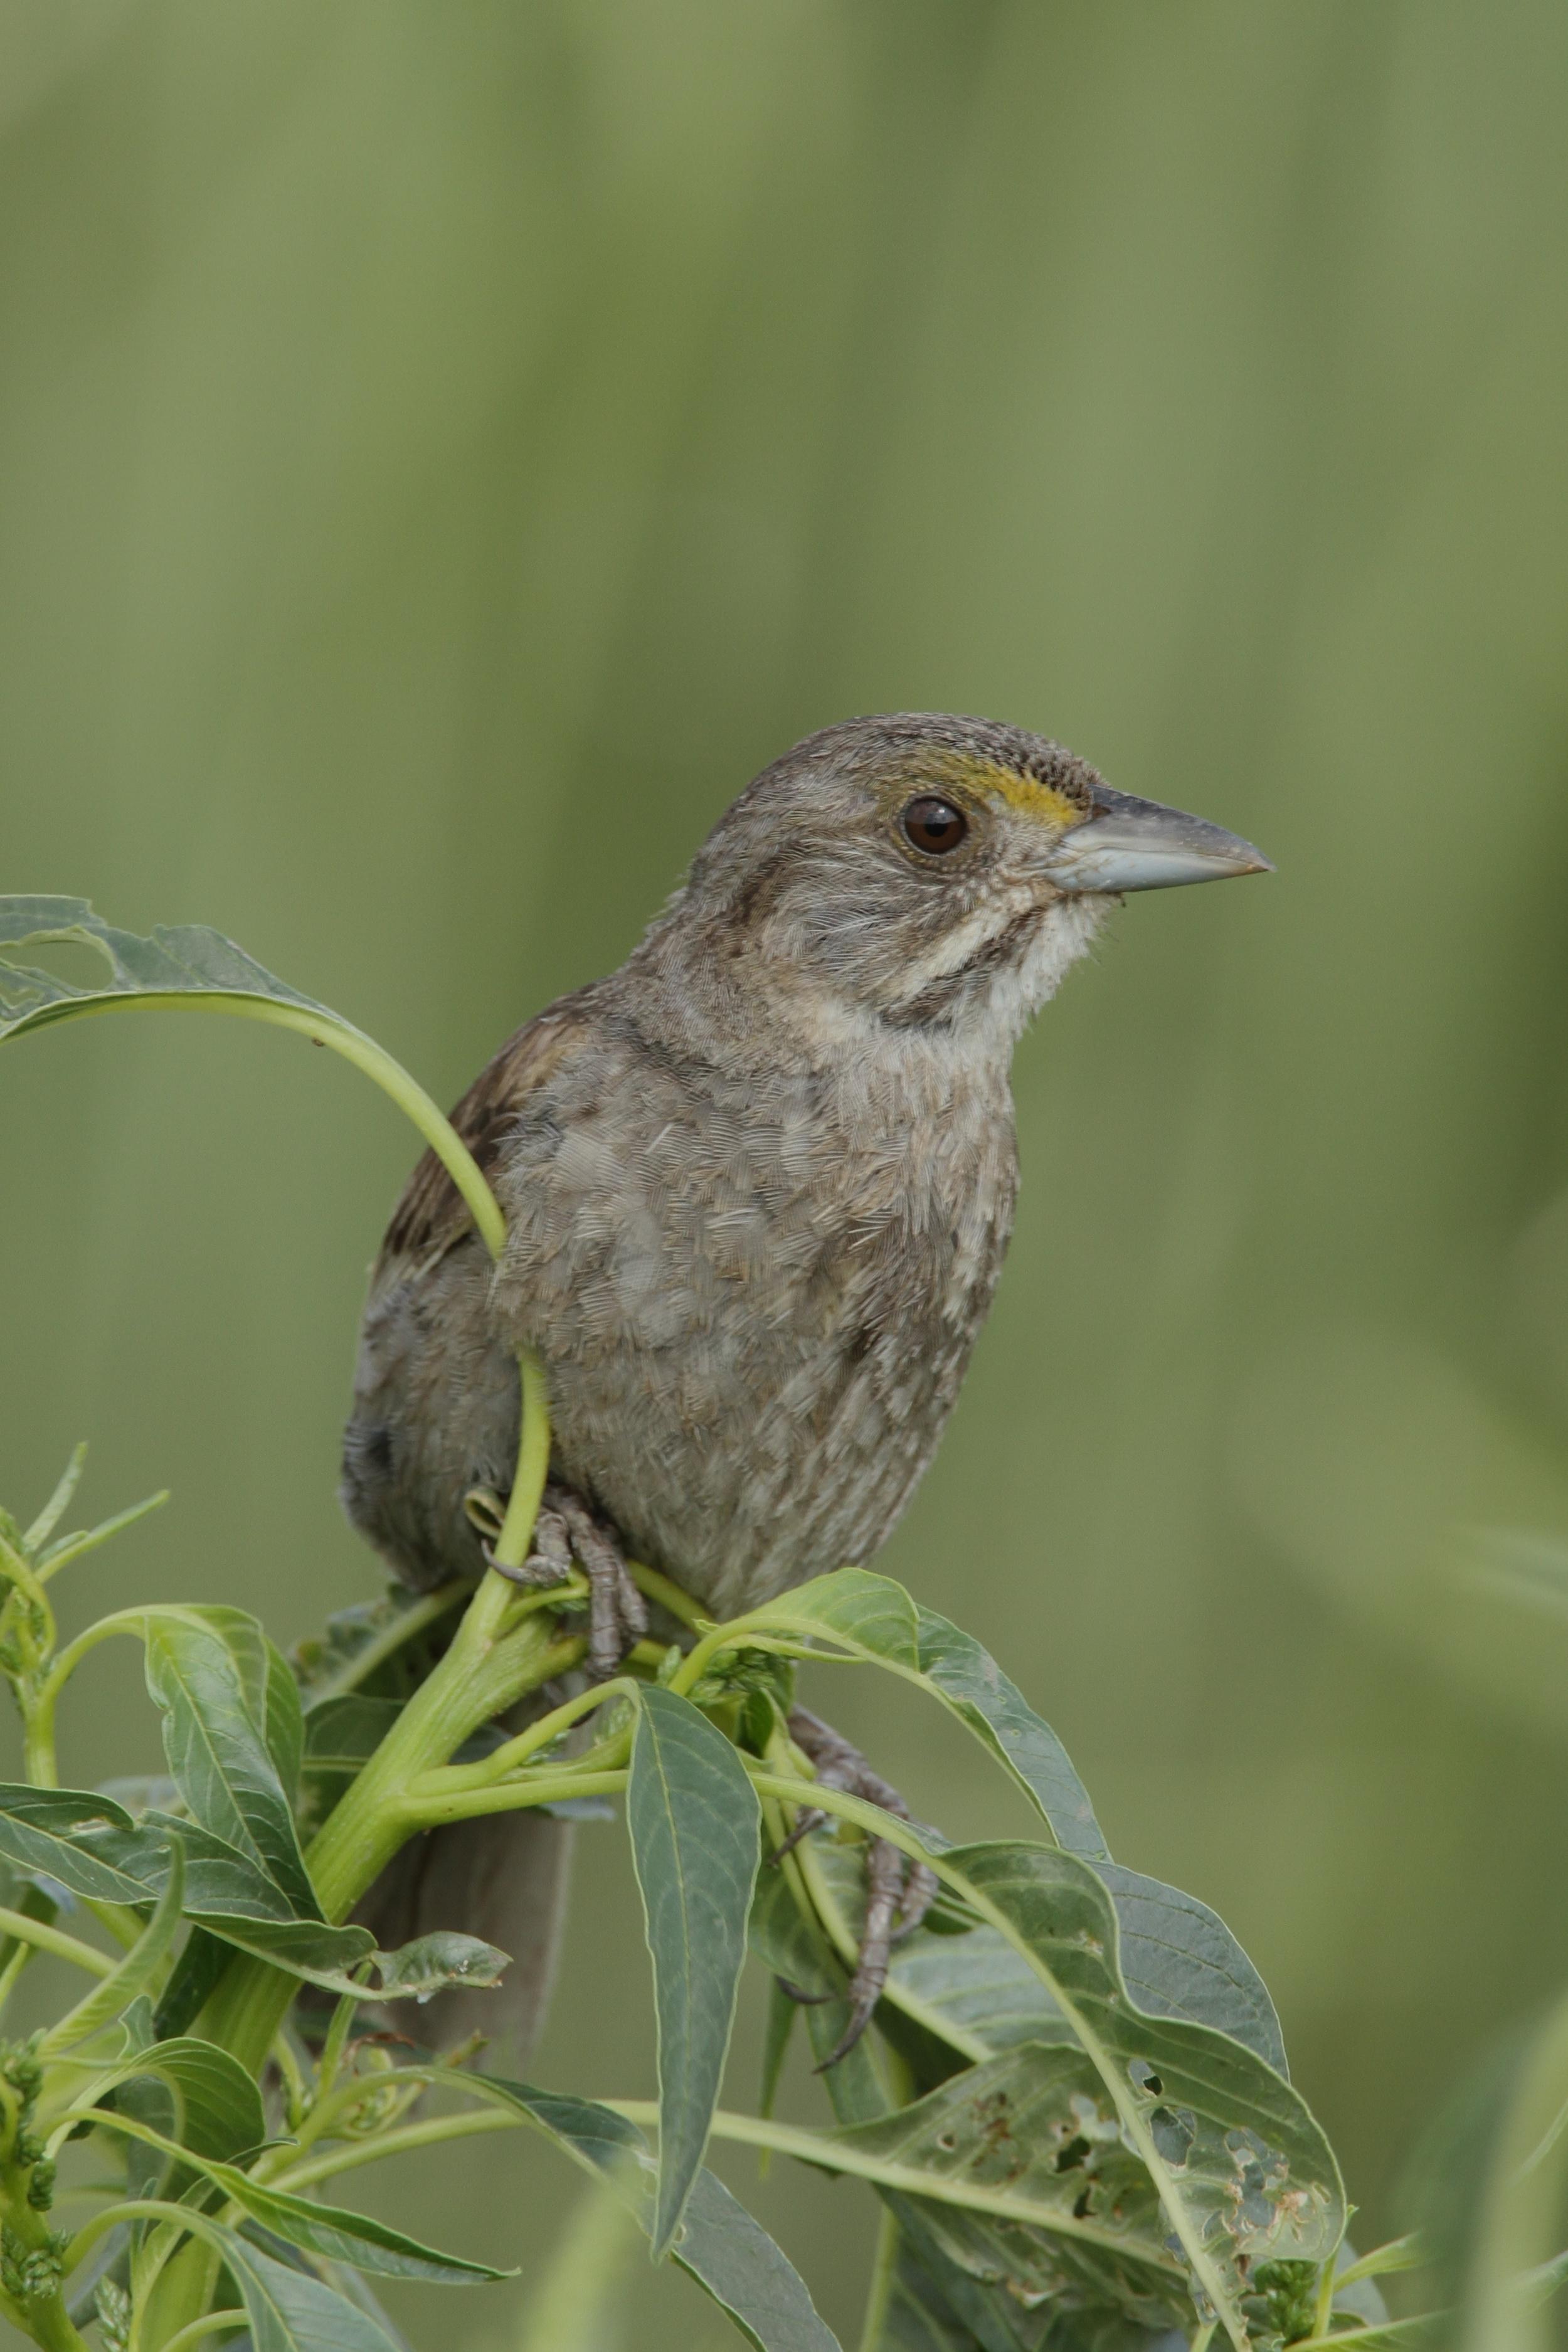 Seaside Sparrow, West Pointe a la Hache, Louisiana